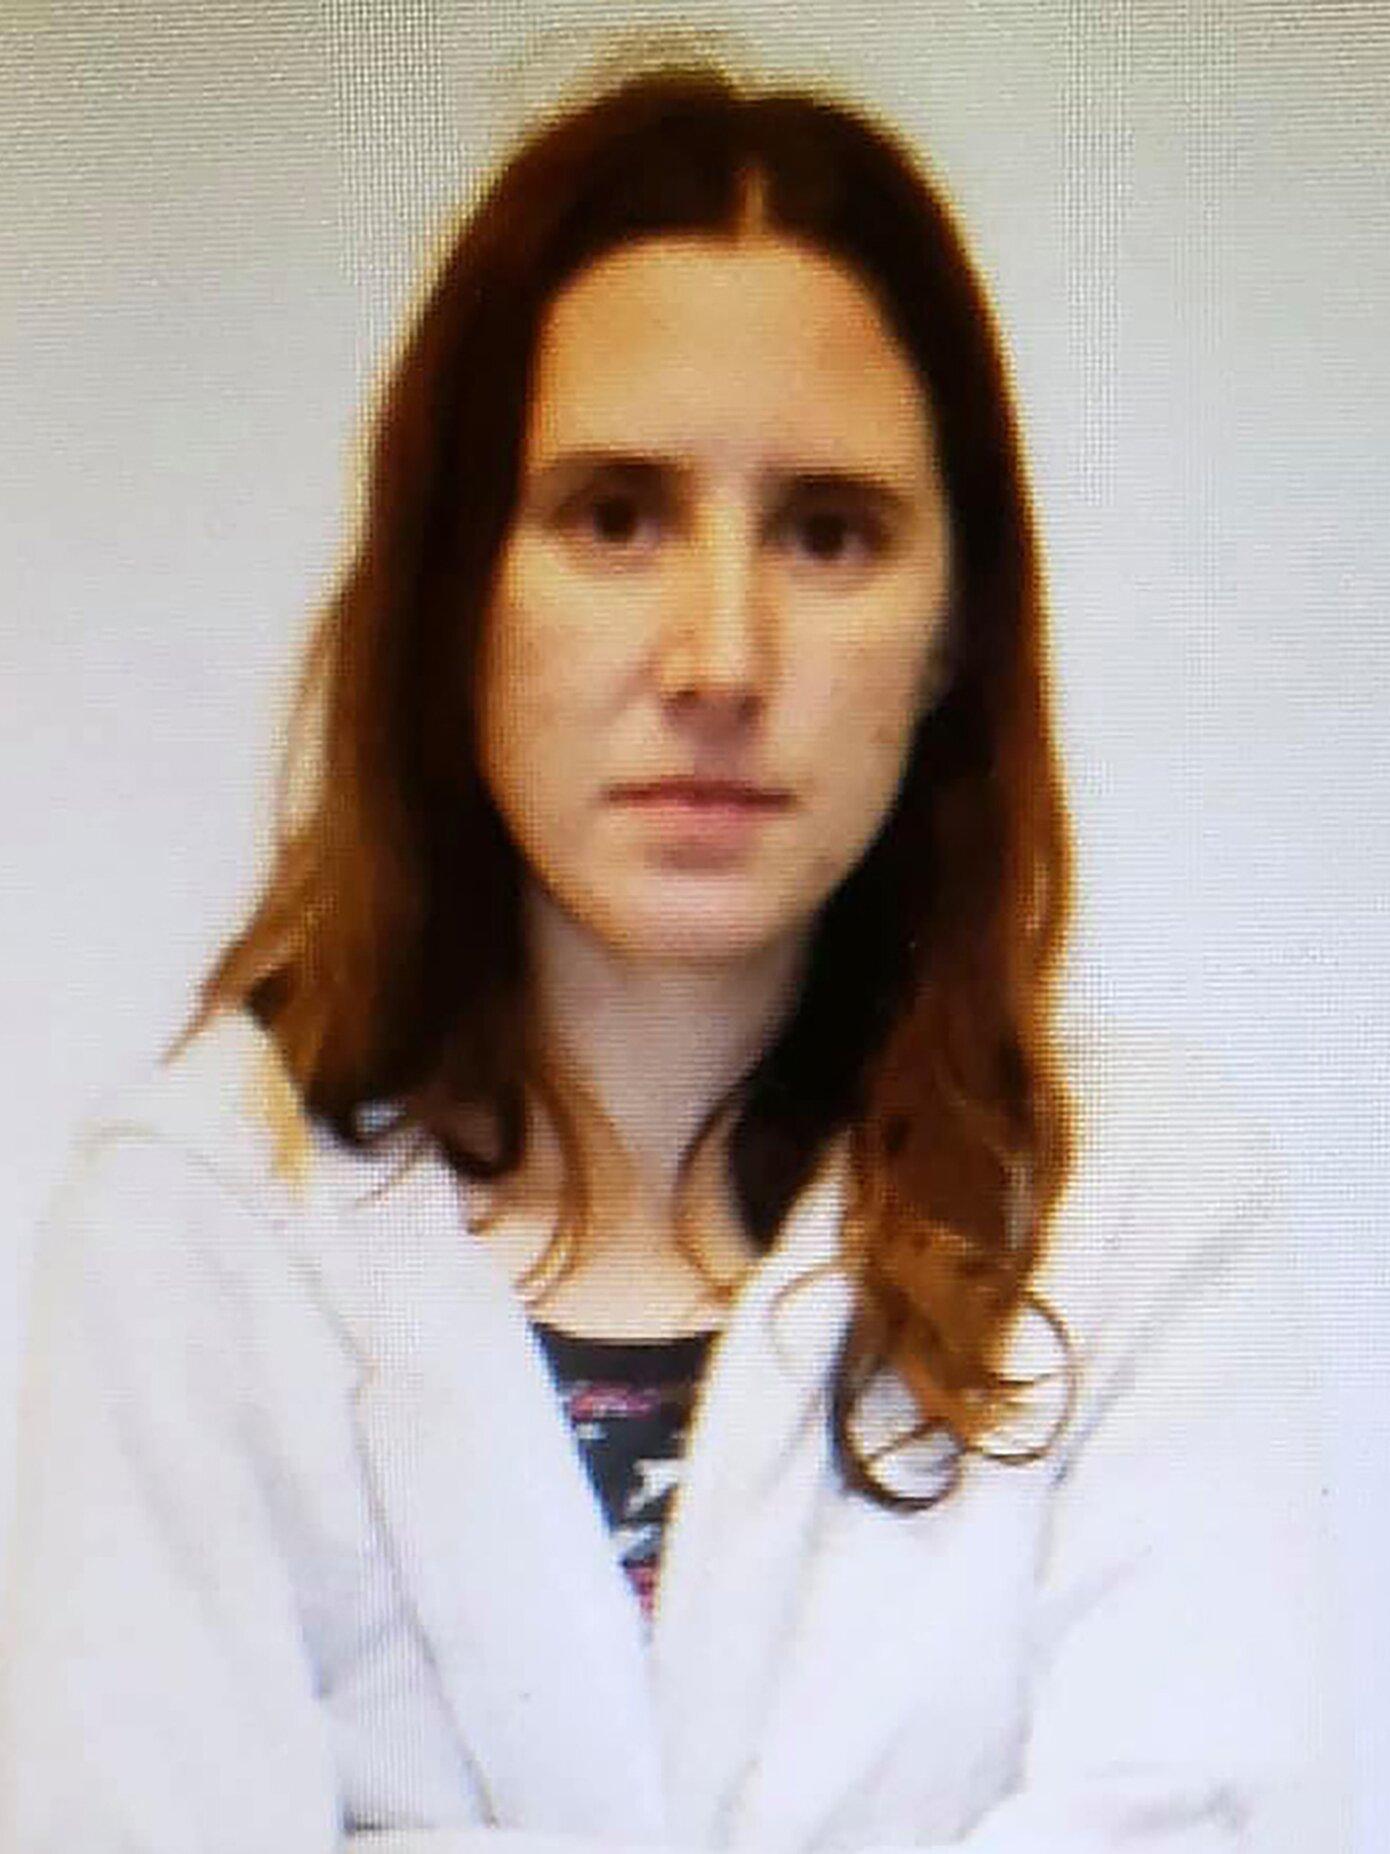 Abuso Madre Borracha Porno madre fue acusada de matar a su bebé por manejar bajo el